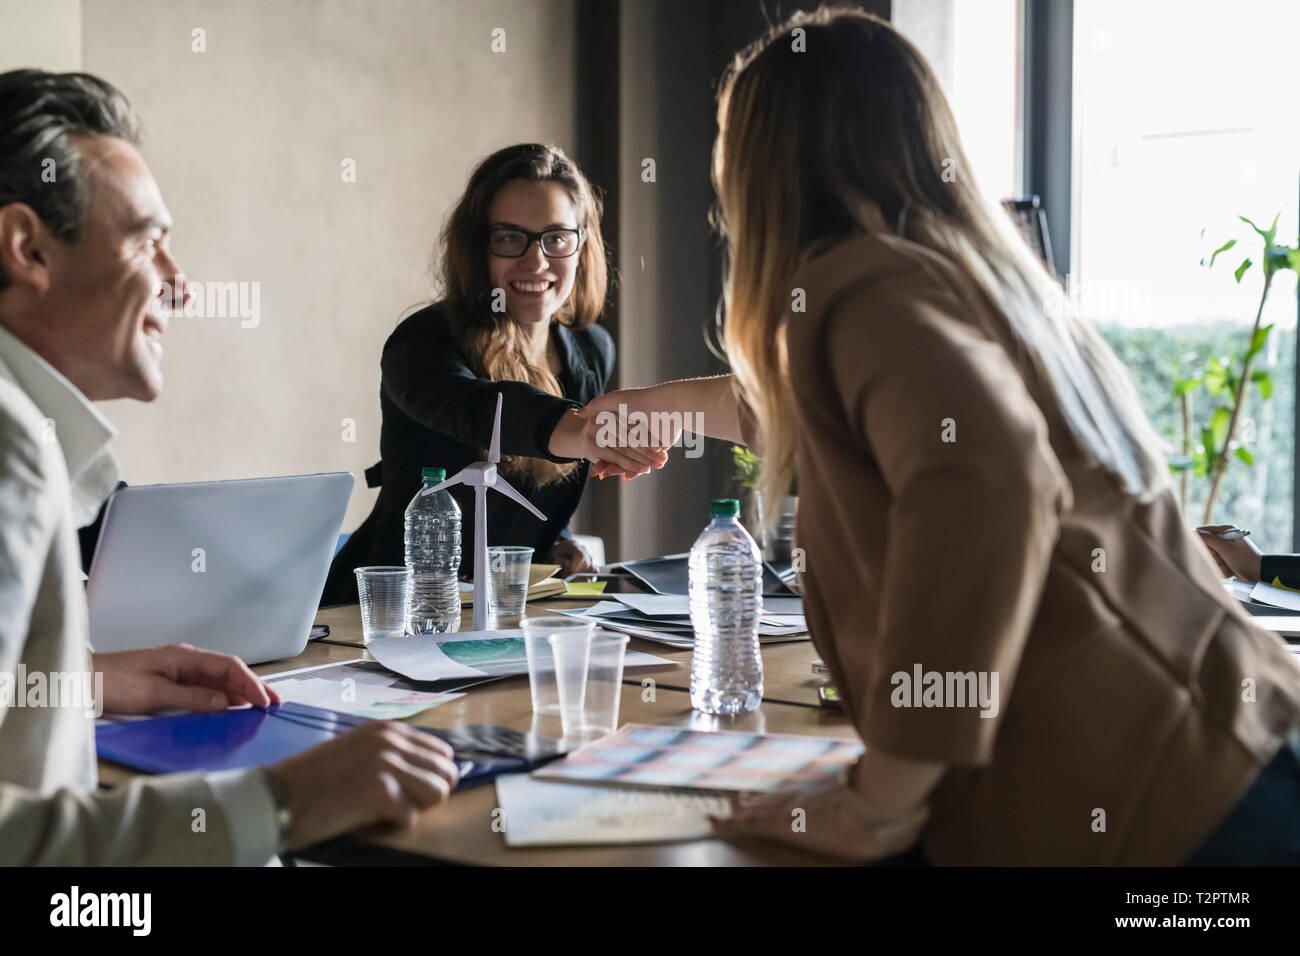 Unternehmer und Unternehmerinnen in Treffen im Büro Stockfoto